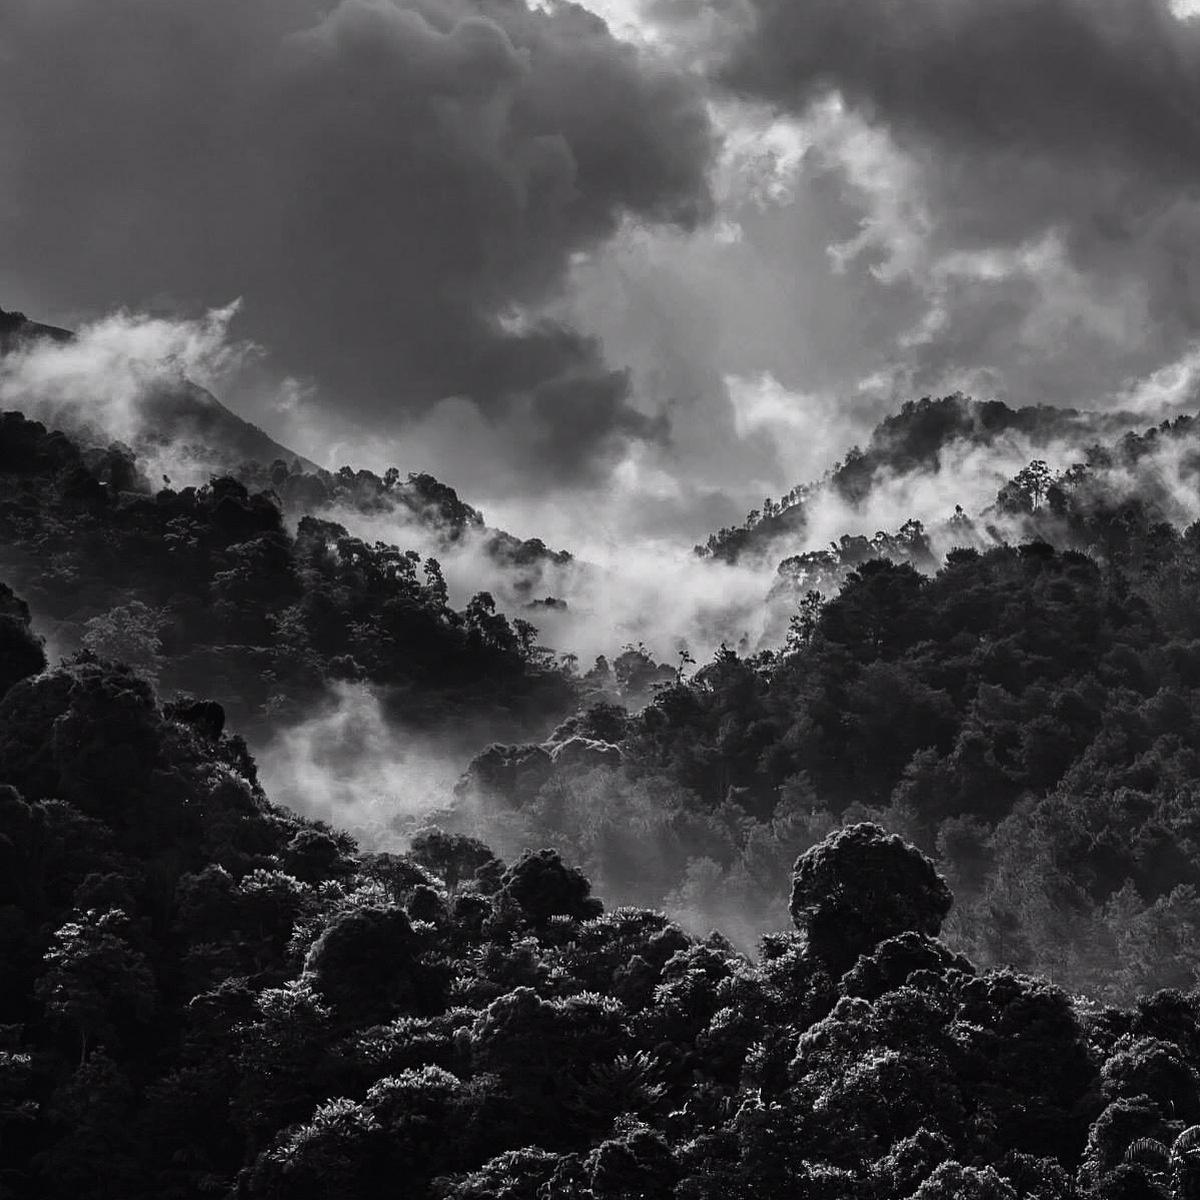 Smoke by Dika yudha rio p